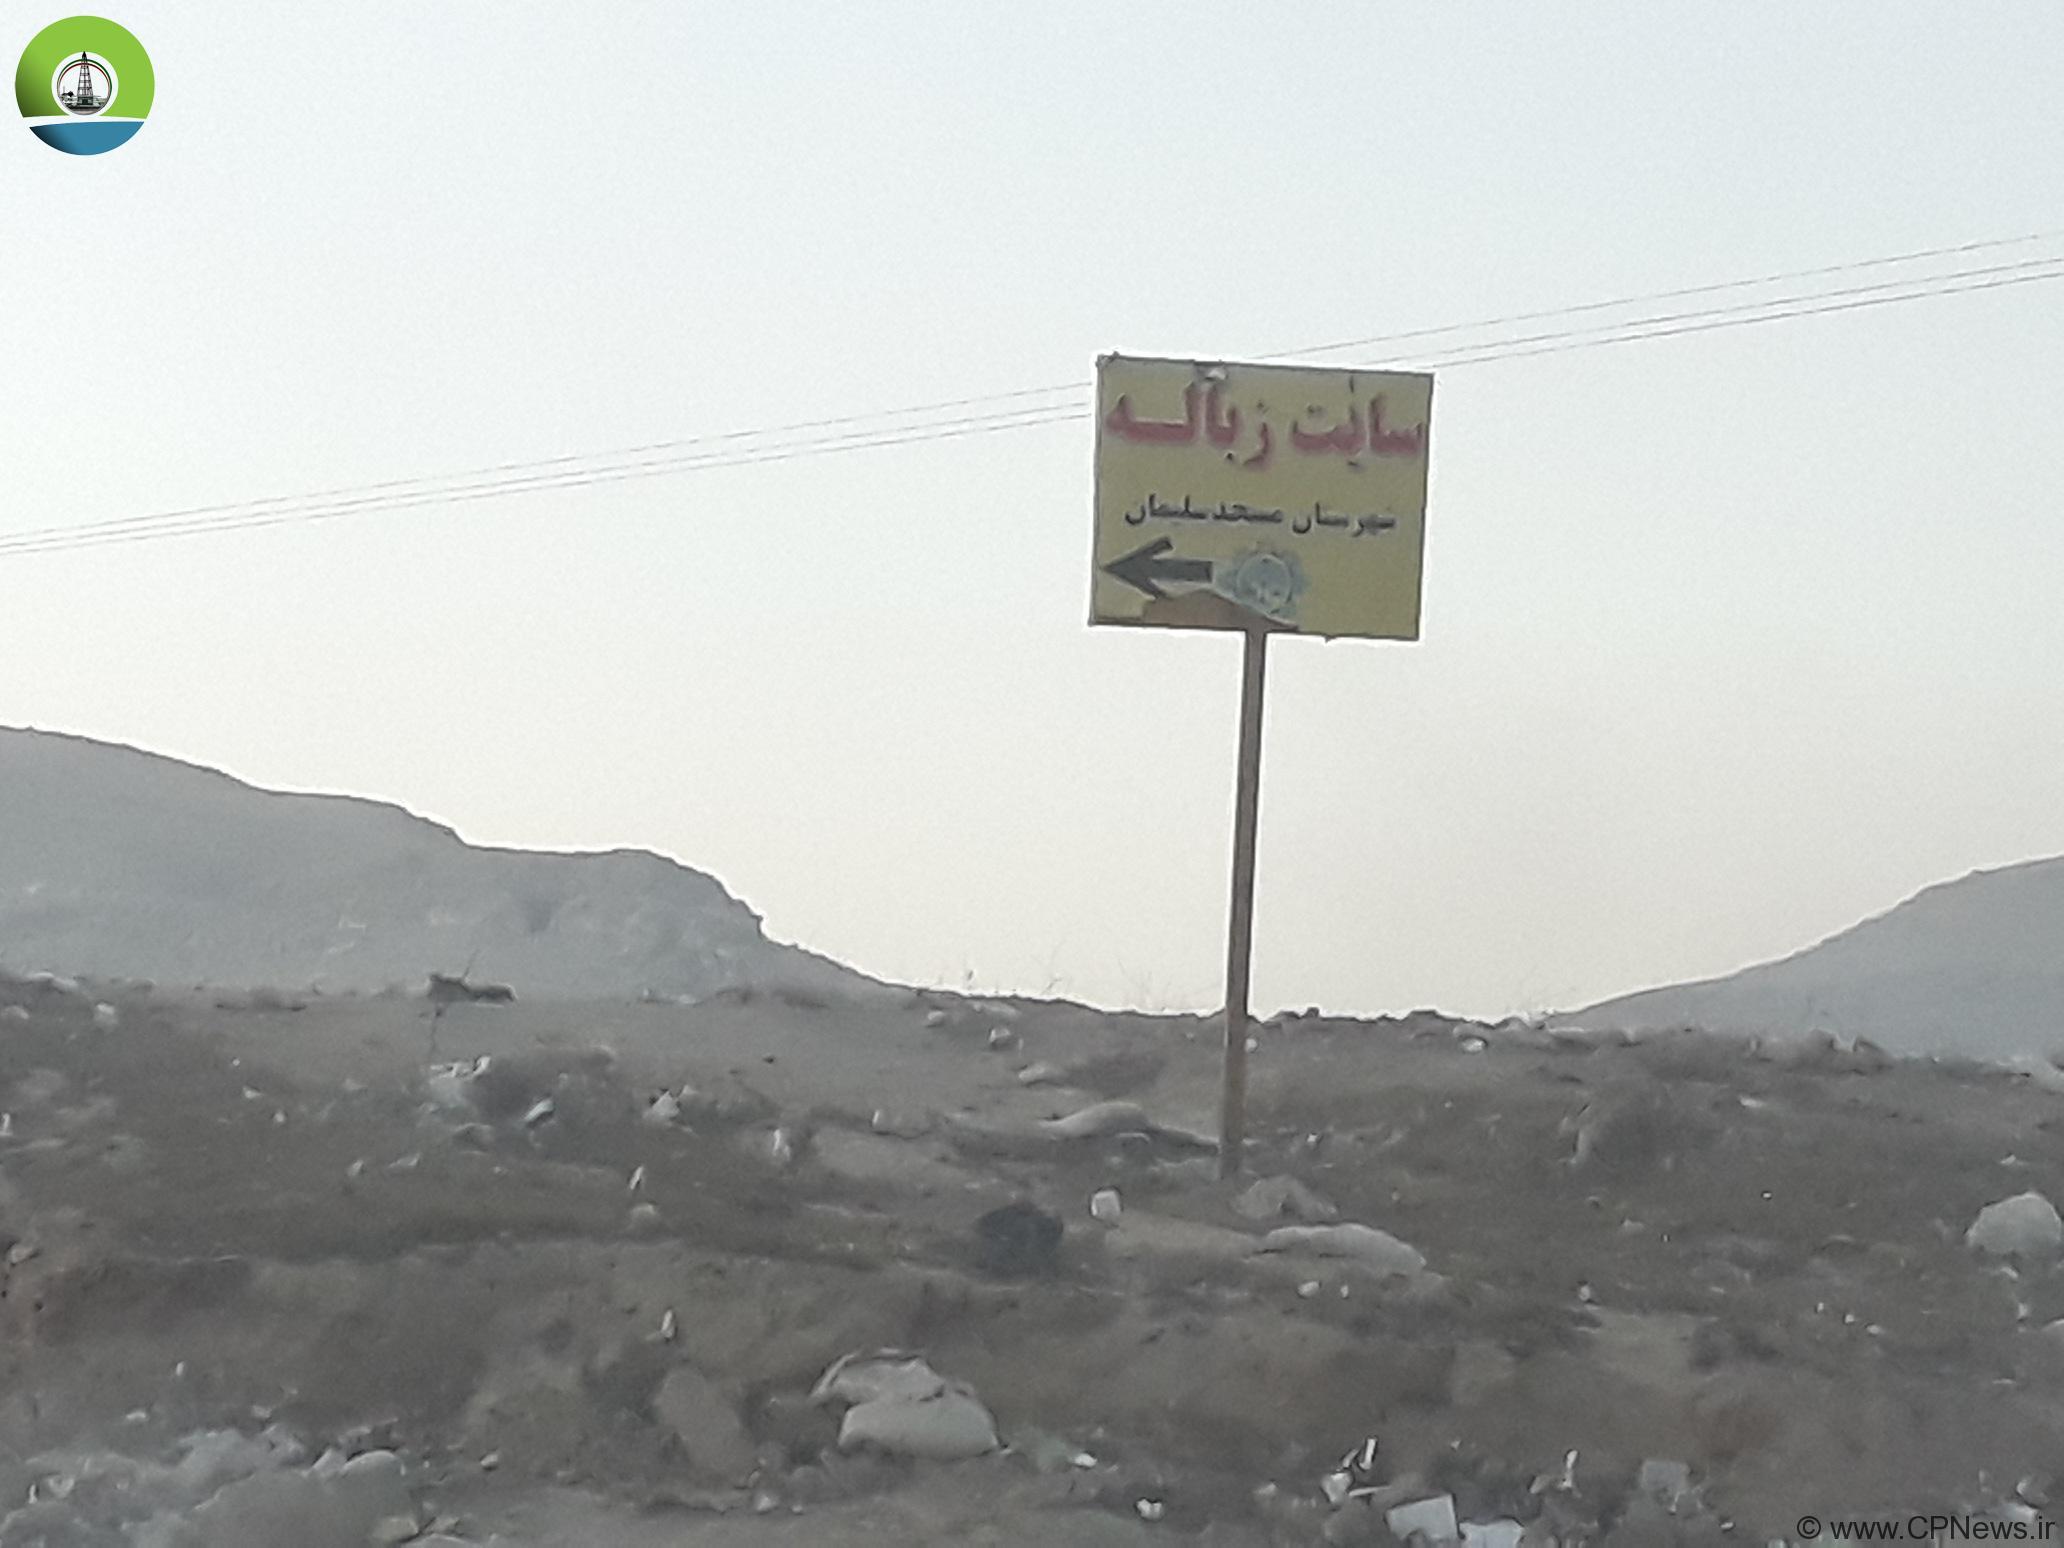 جنایت علیه محیط زیست مسجدسلیمان ؛ پاسخگو کیست؟